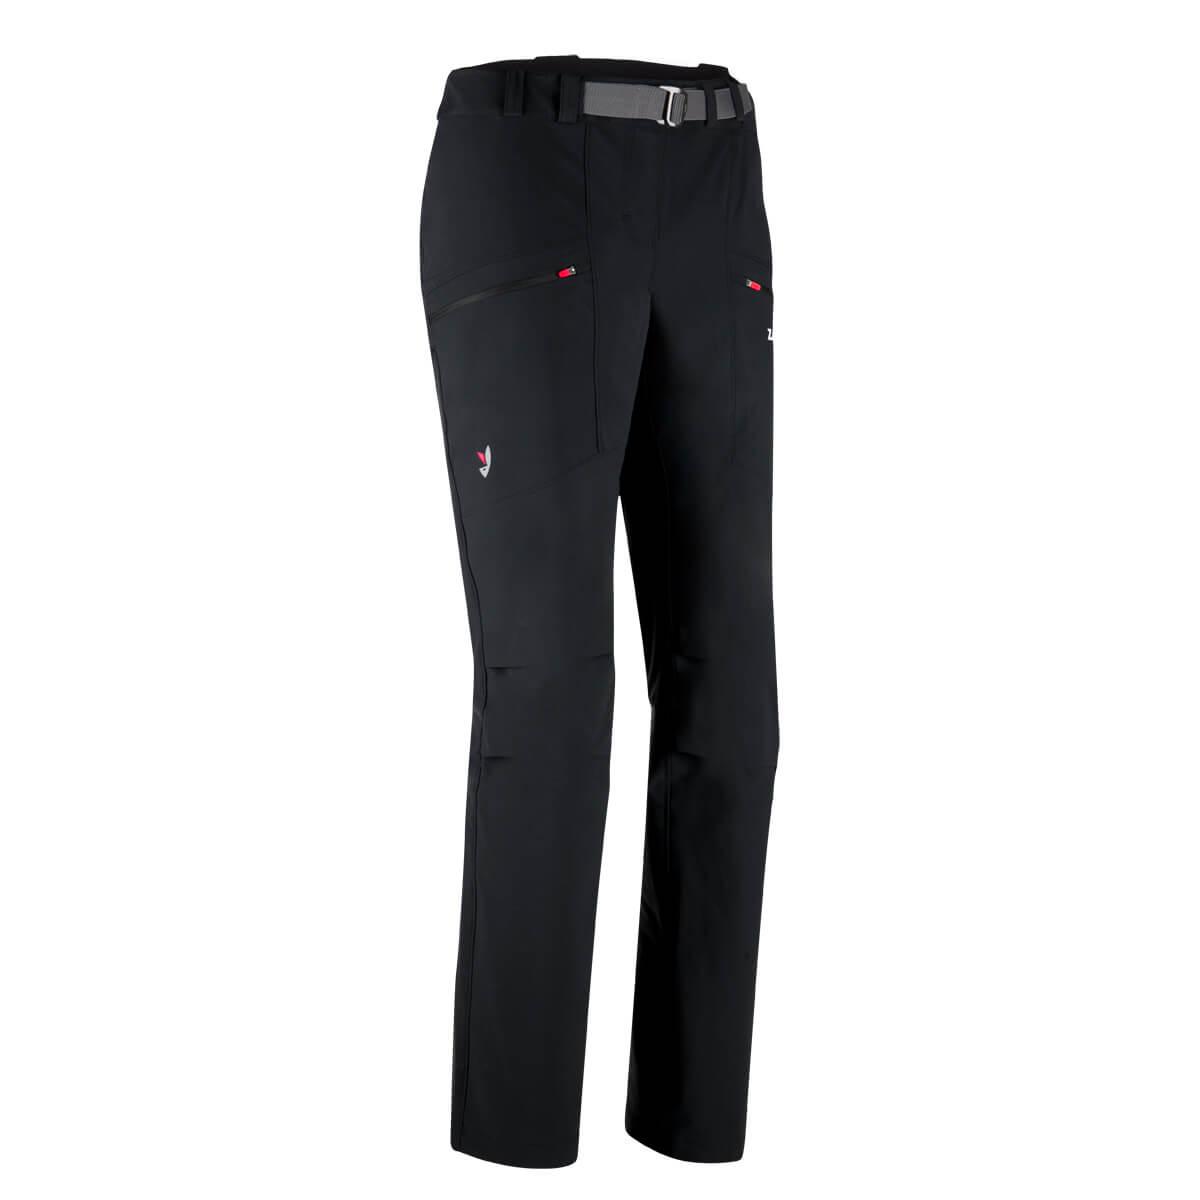 Nohavice Zajo Air LT Neo W Pants Black - veľkosť XS